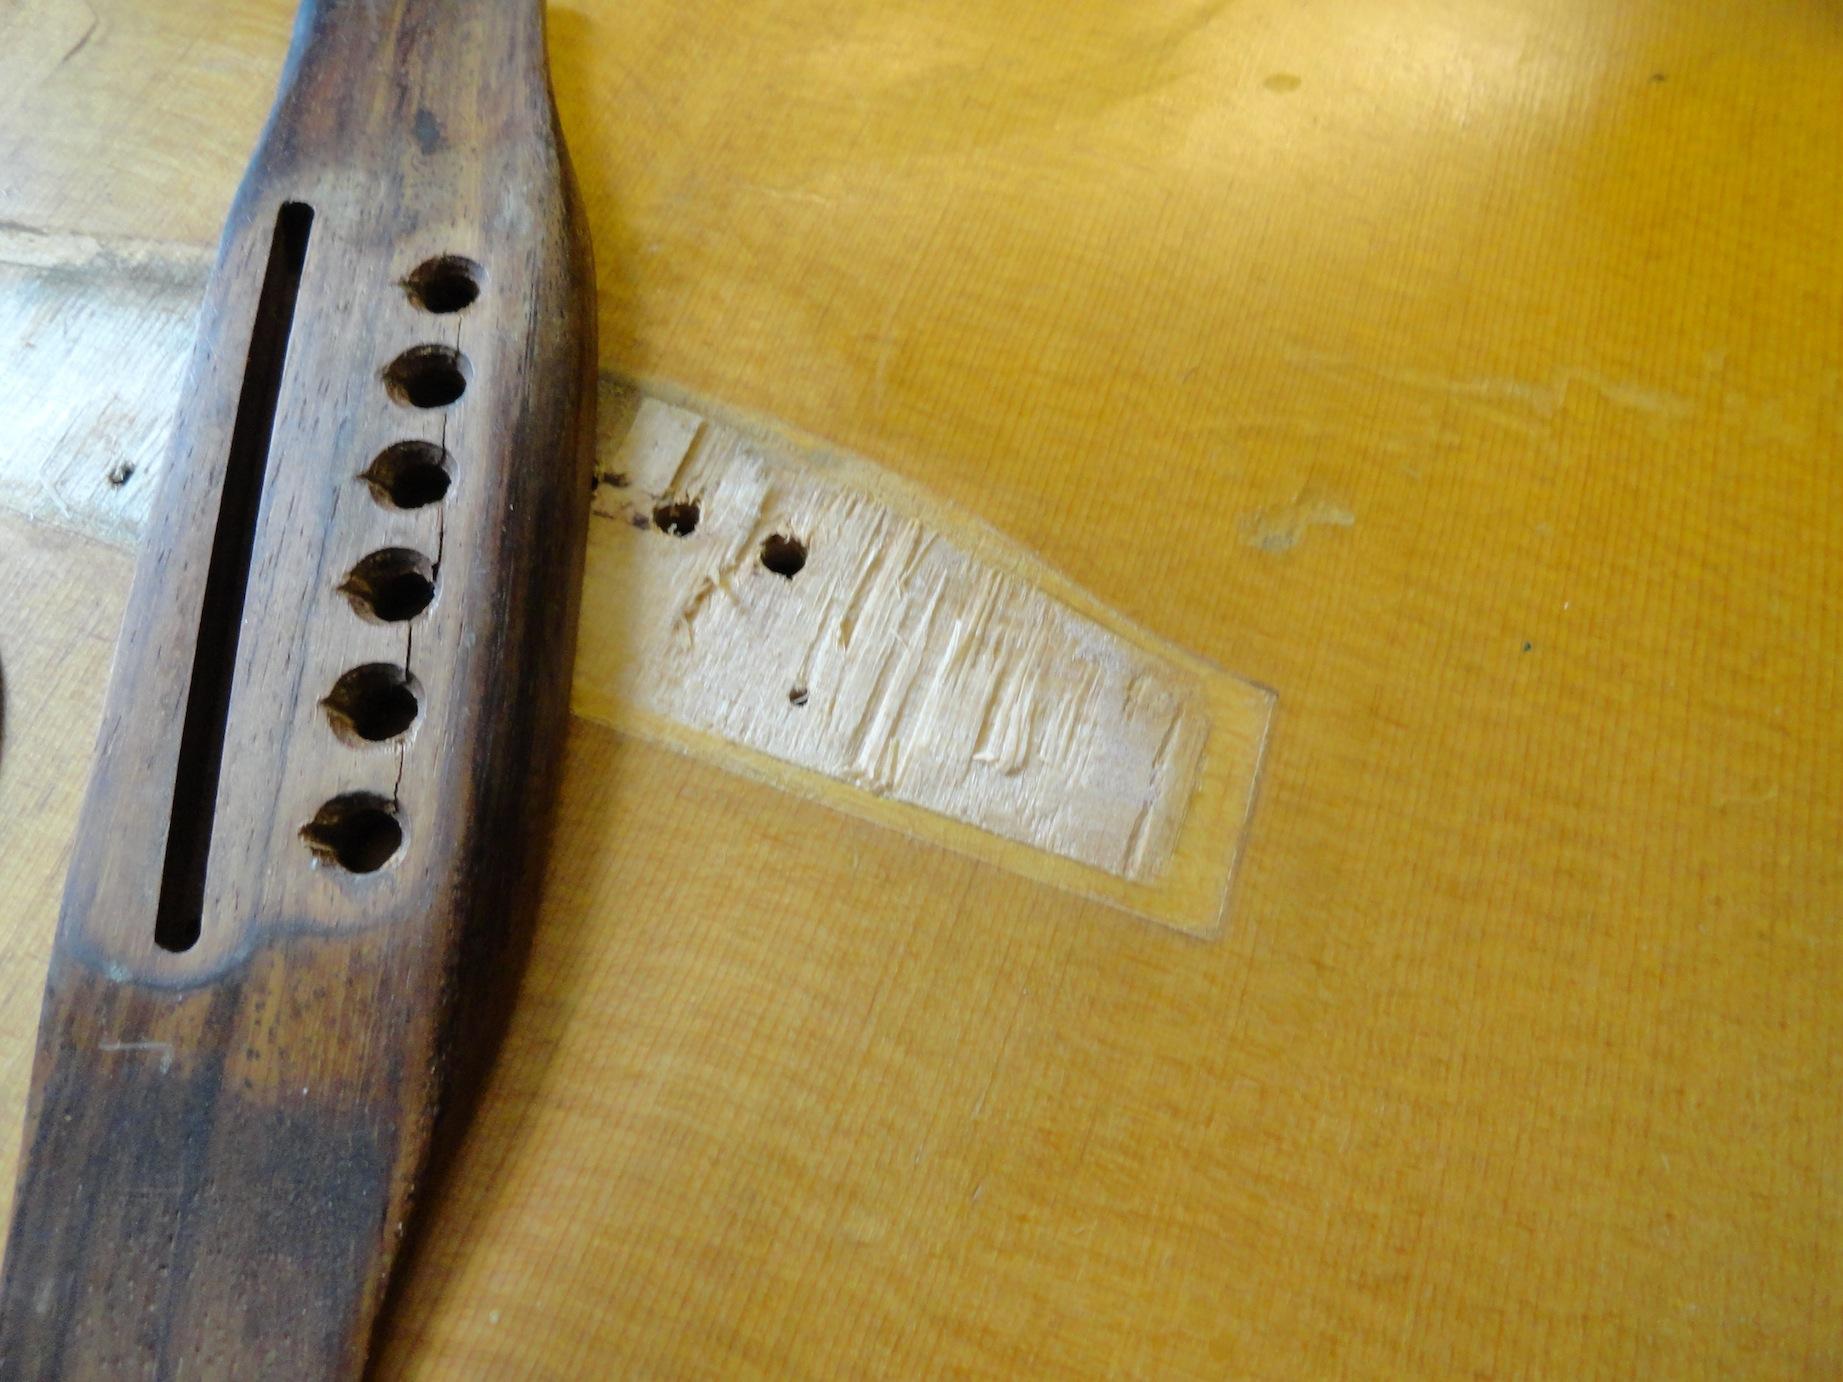 ottawa_guitar repair_bridge_repair_1.jpg